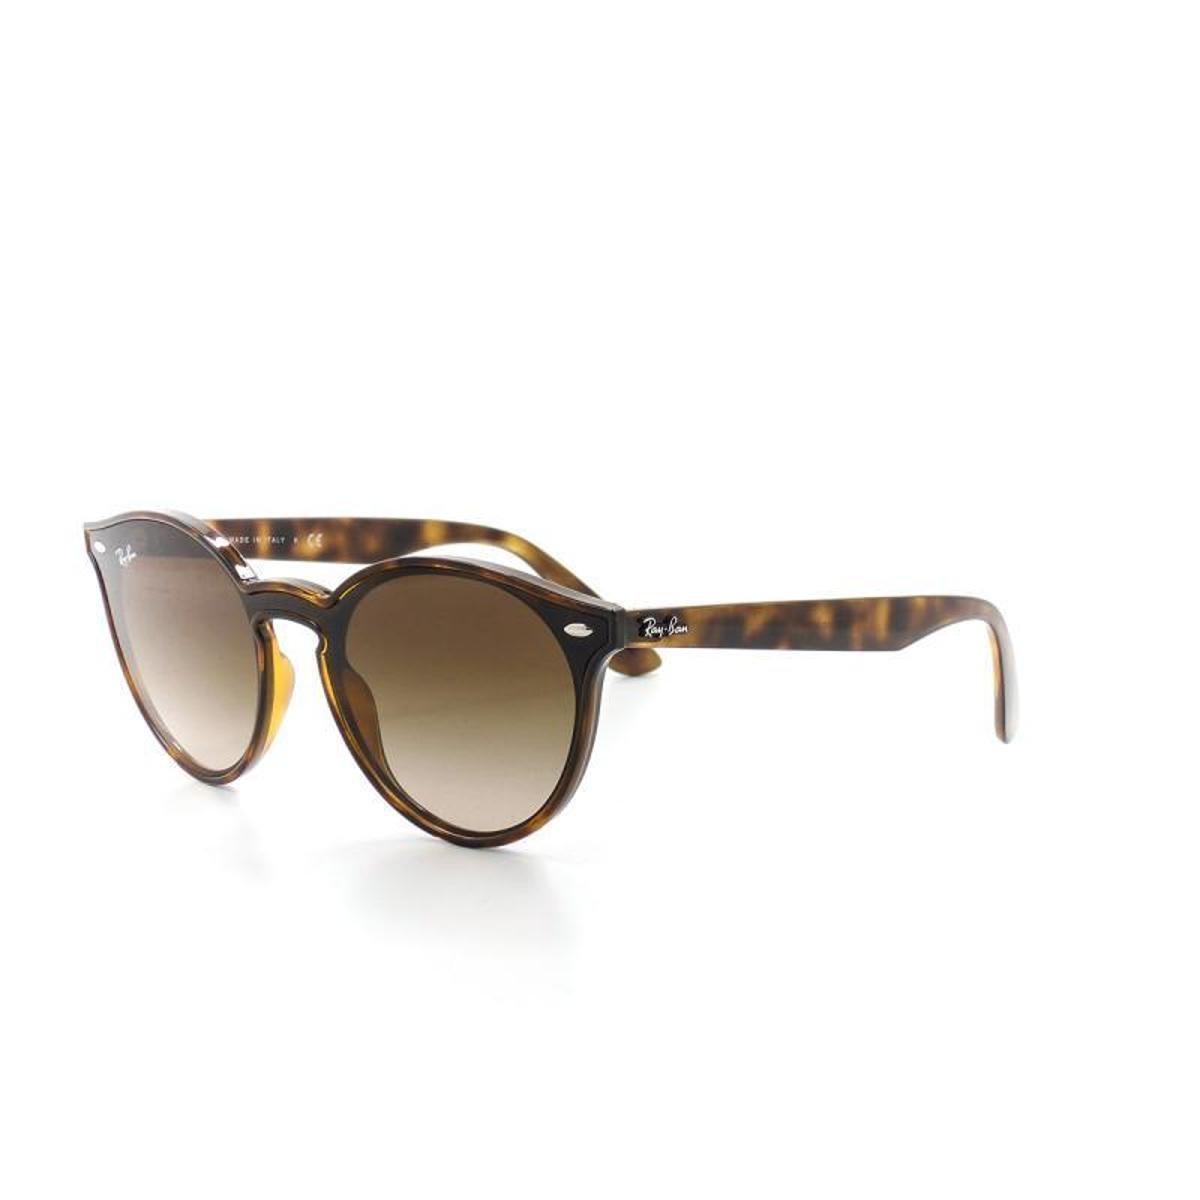 ba12ac177e0ff Óculos De Sol Ray Ban 4380-N T 37 C 710 13 Retrô Feminino - Marrom ...